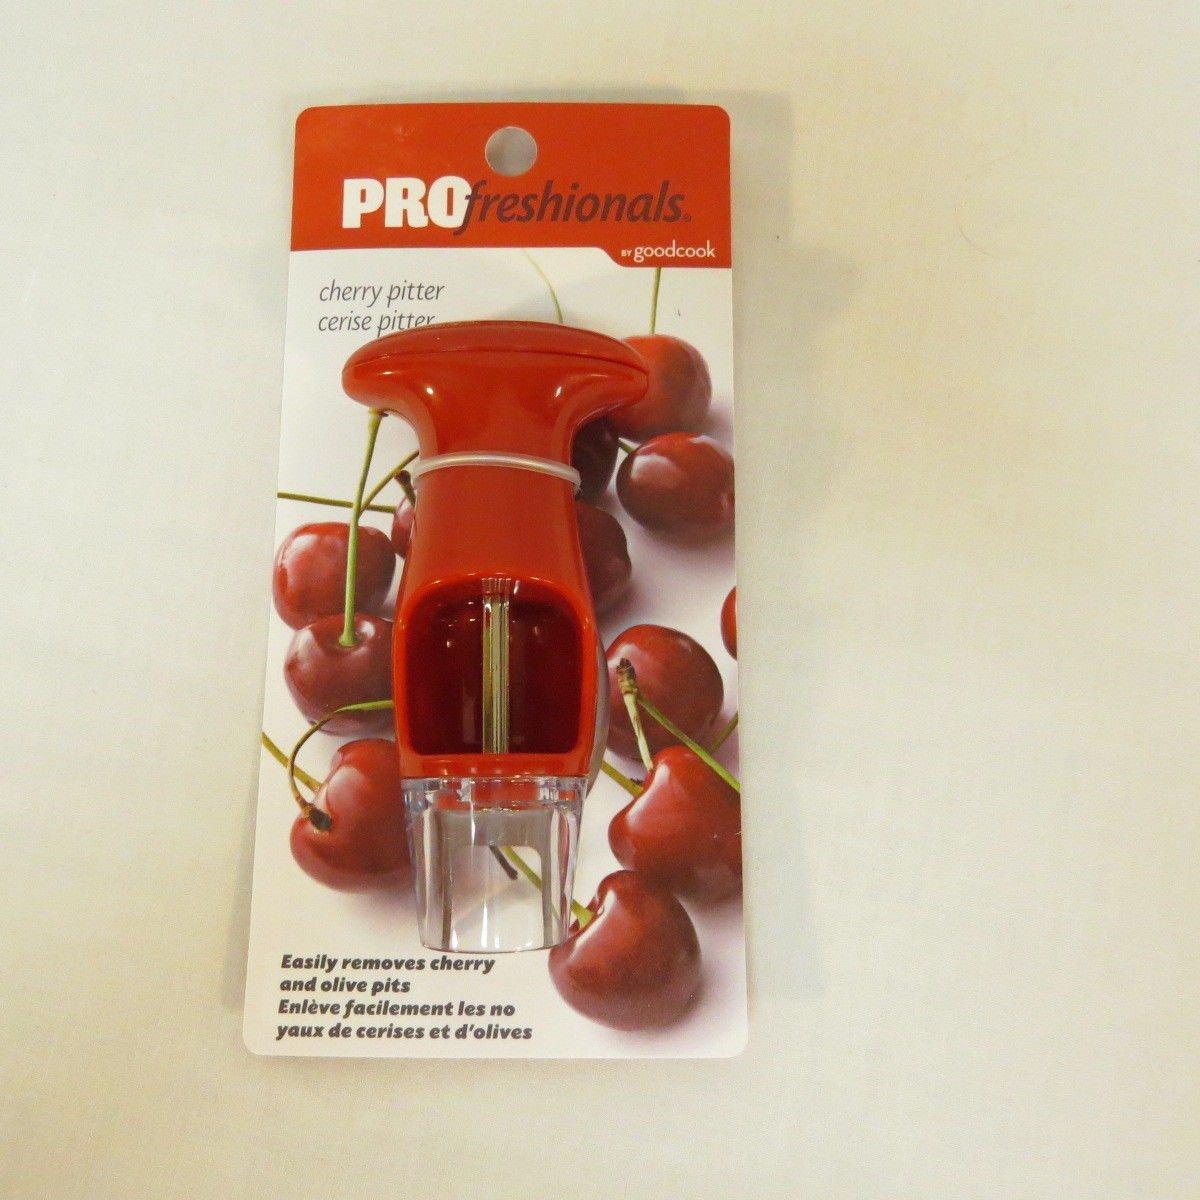 Goodcook Profreshionals Cherry Pitter